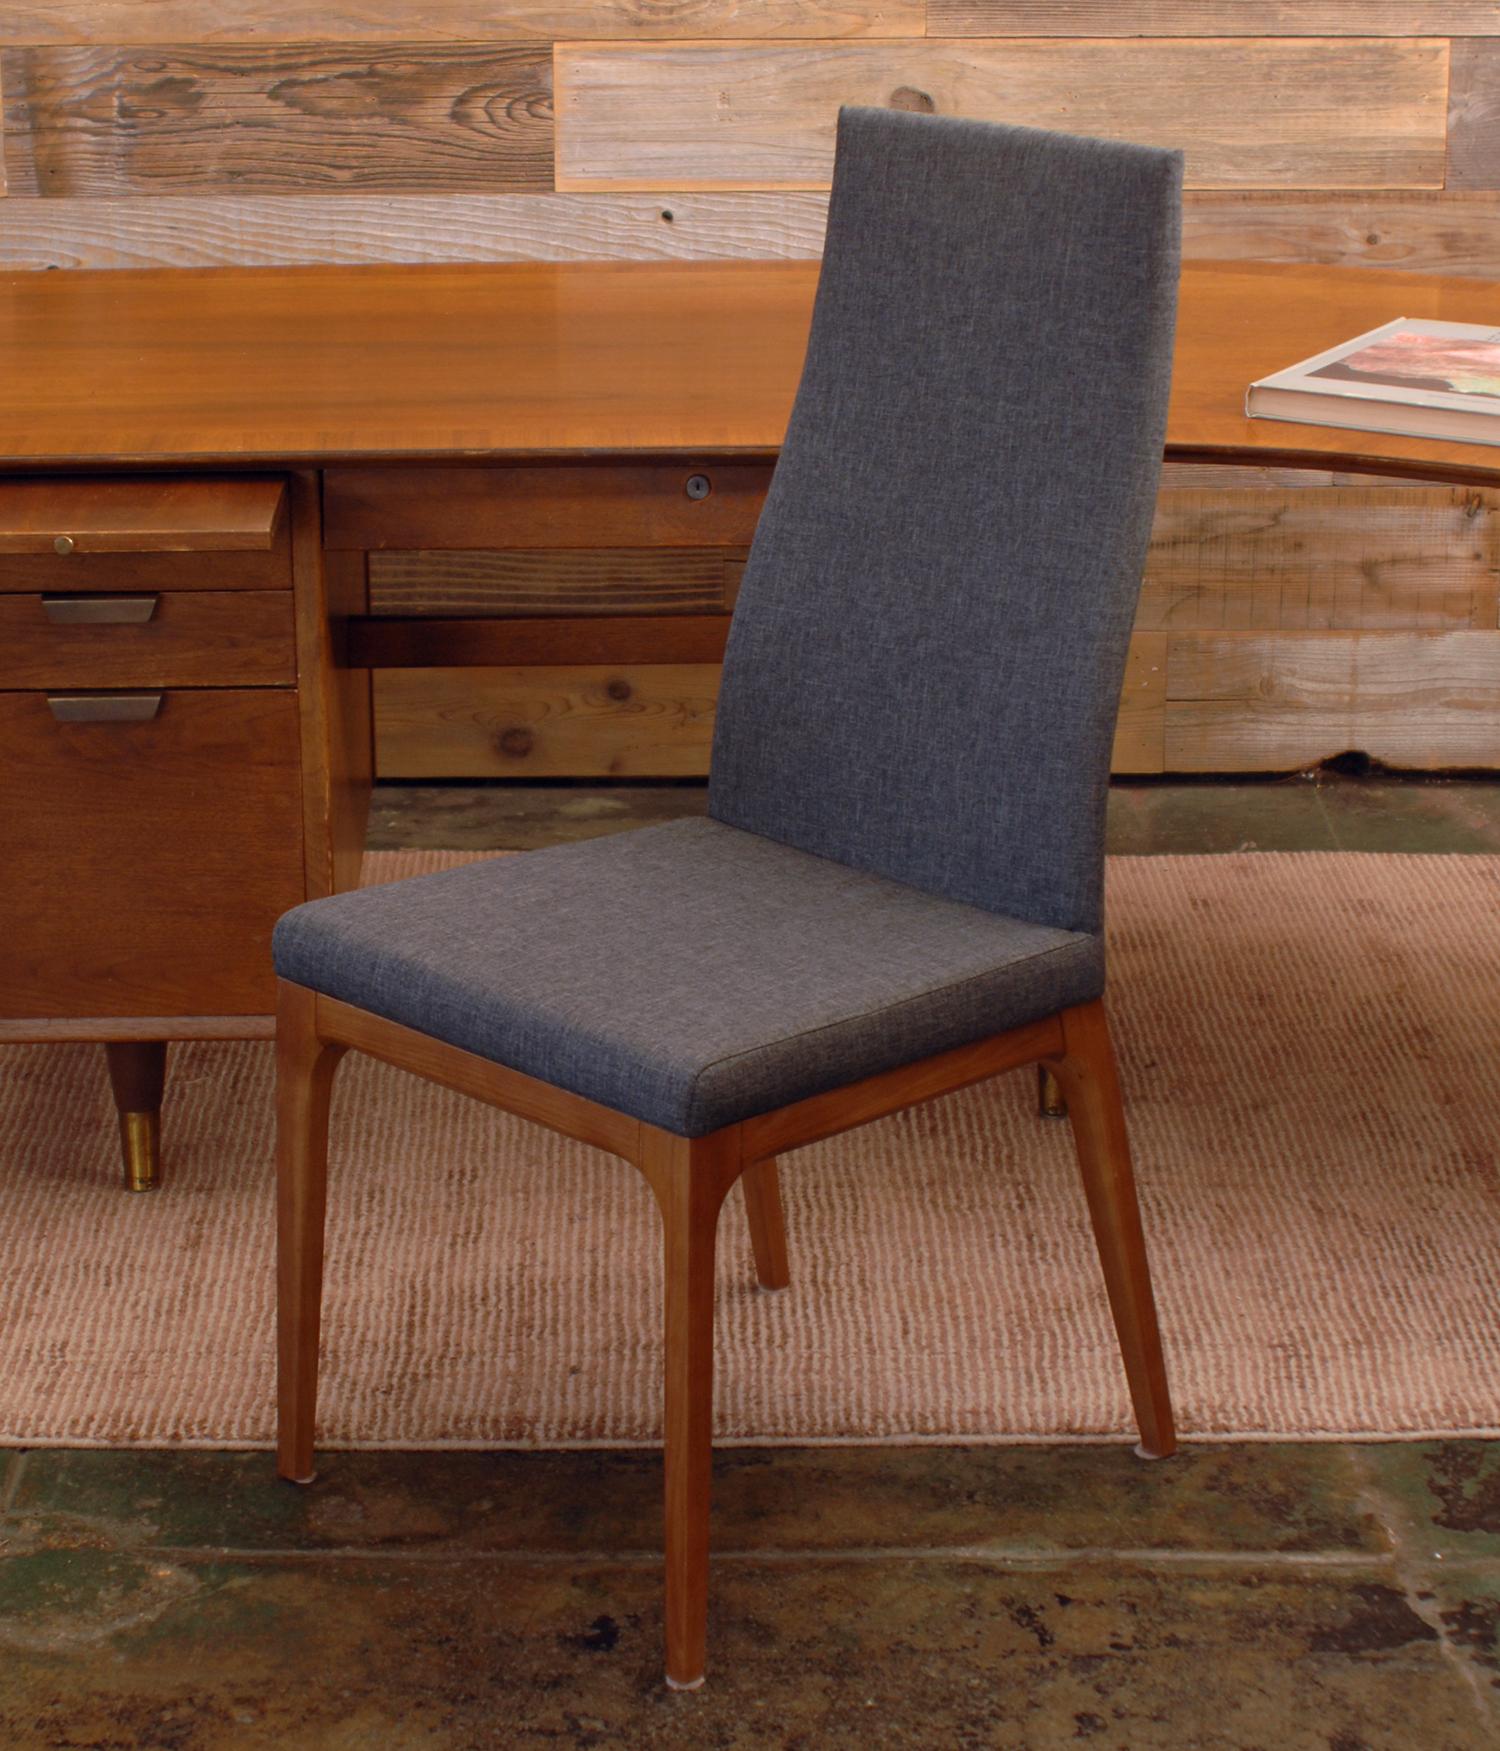 Chairs | Harrington Galleries, San Francisco, CA